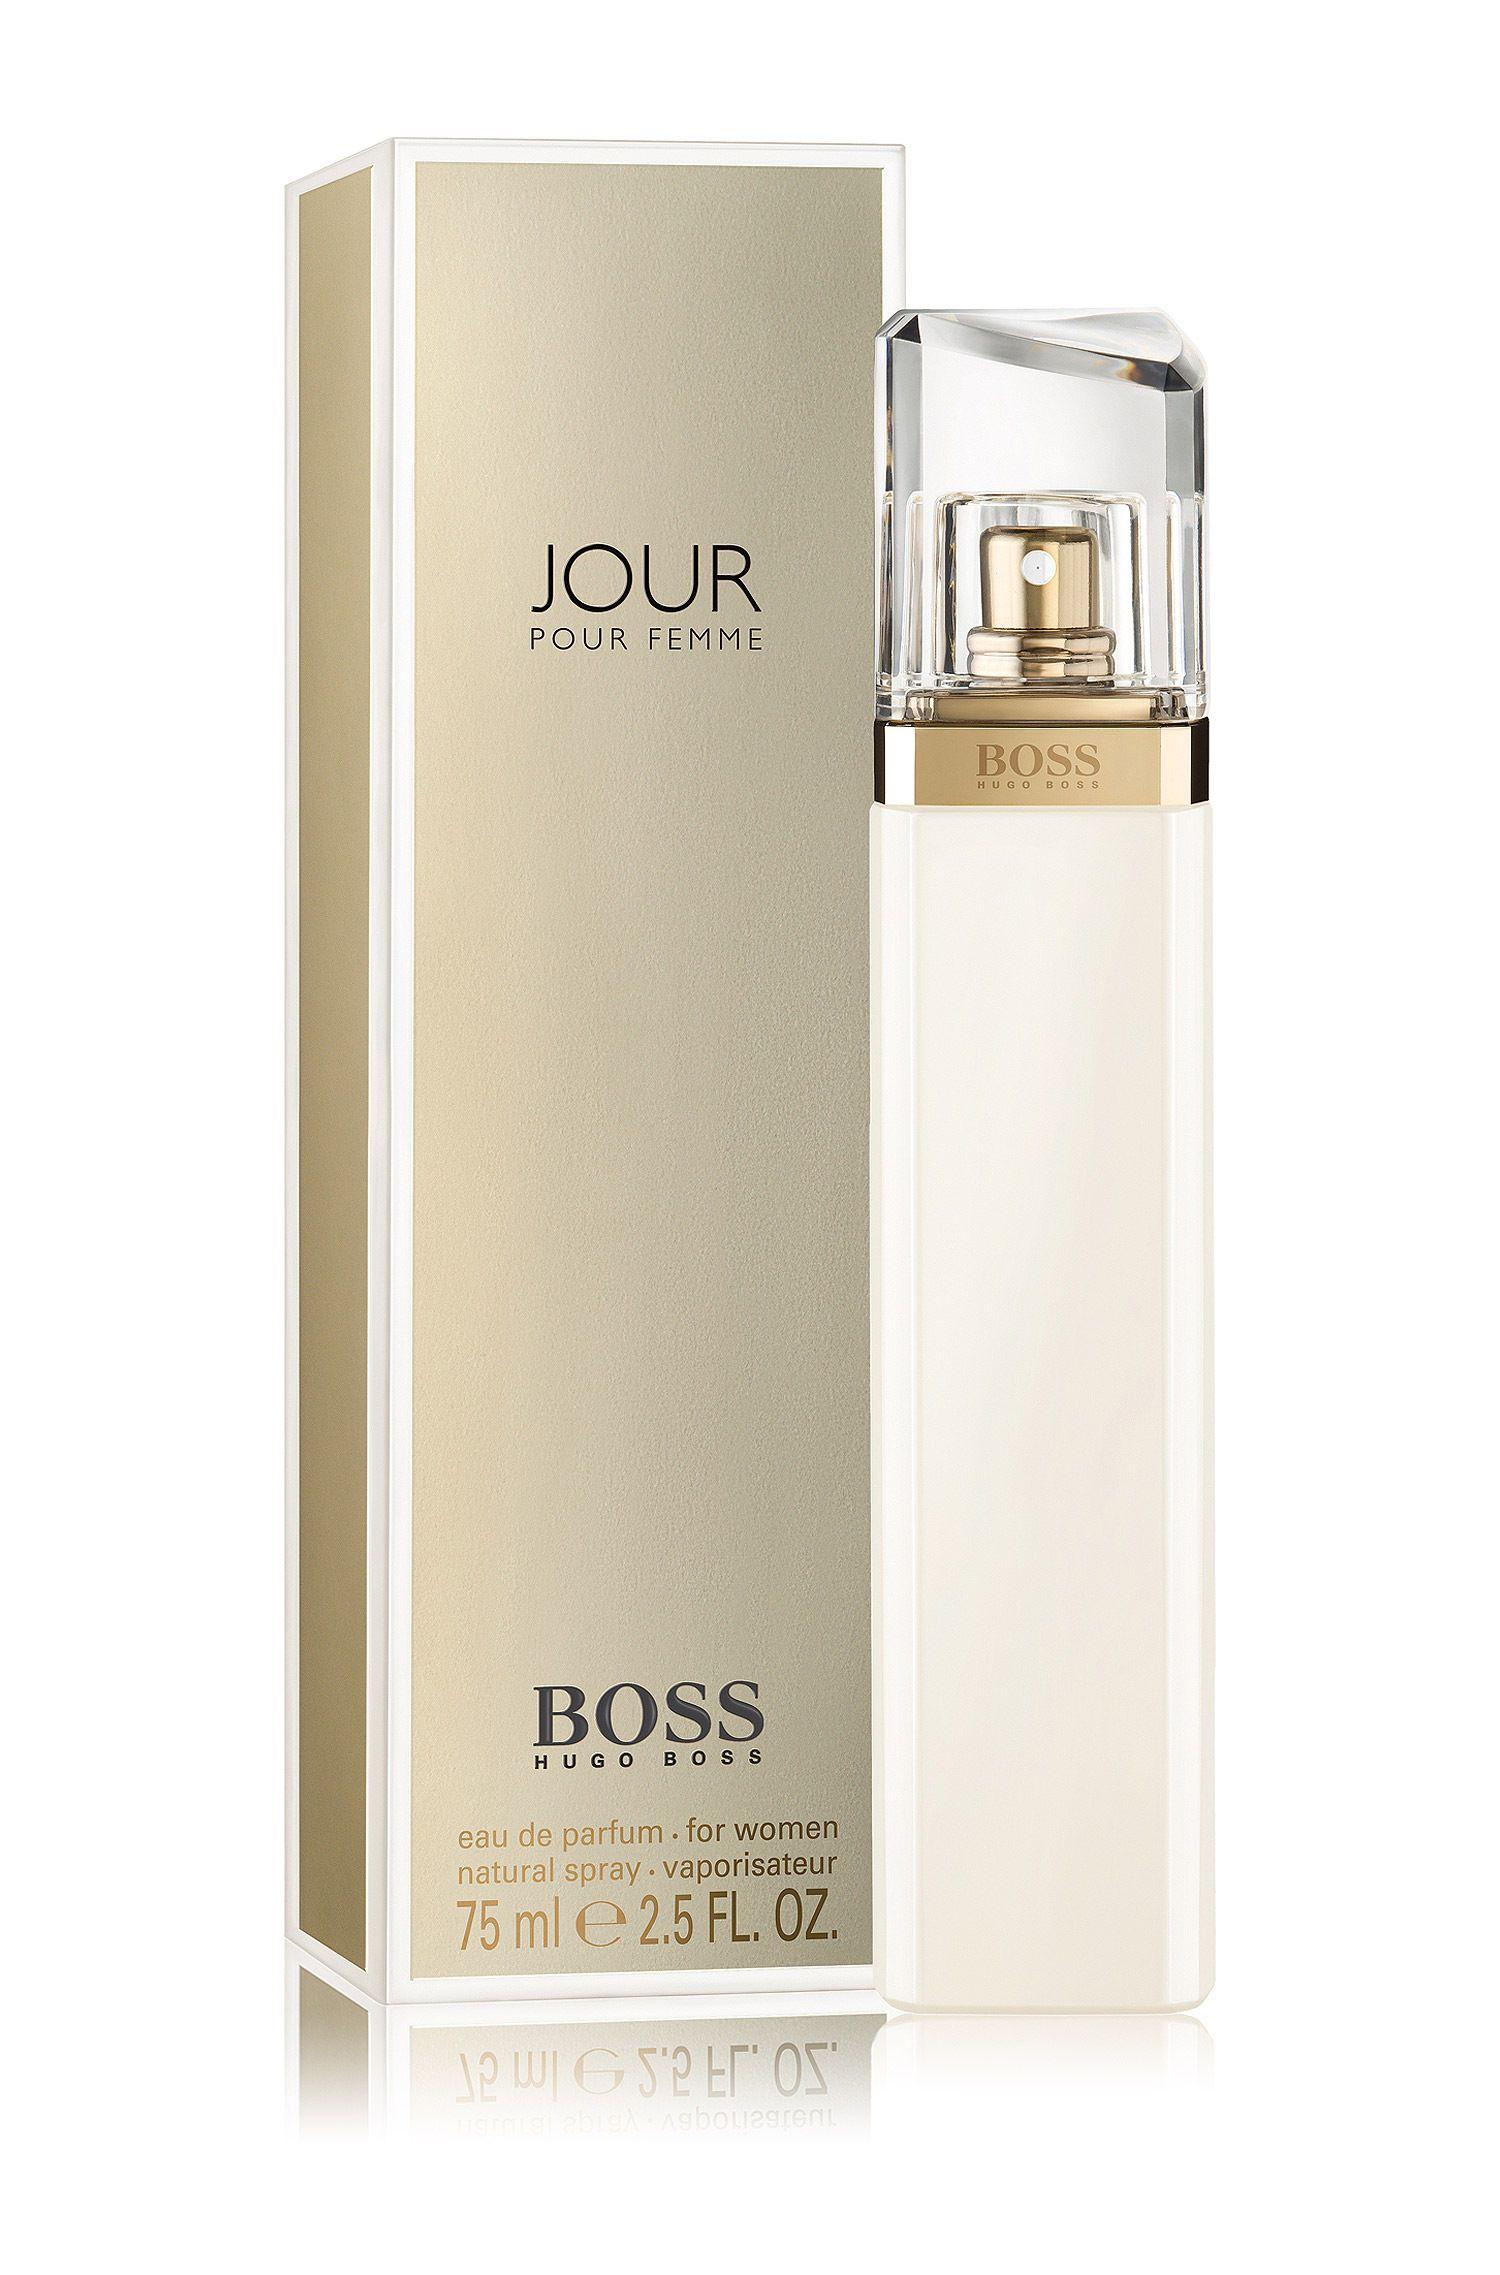 2.5 oz (75 mL) Eau de Parfum | BOSS Jour